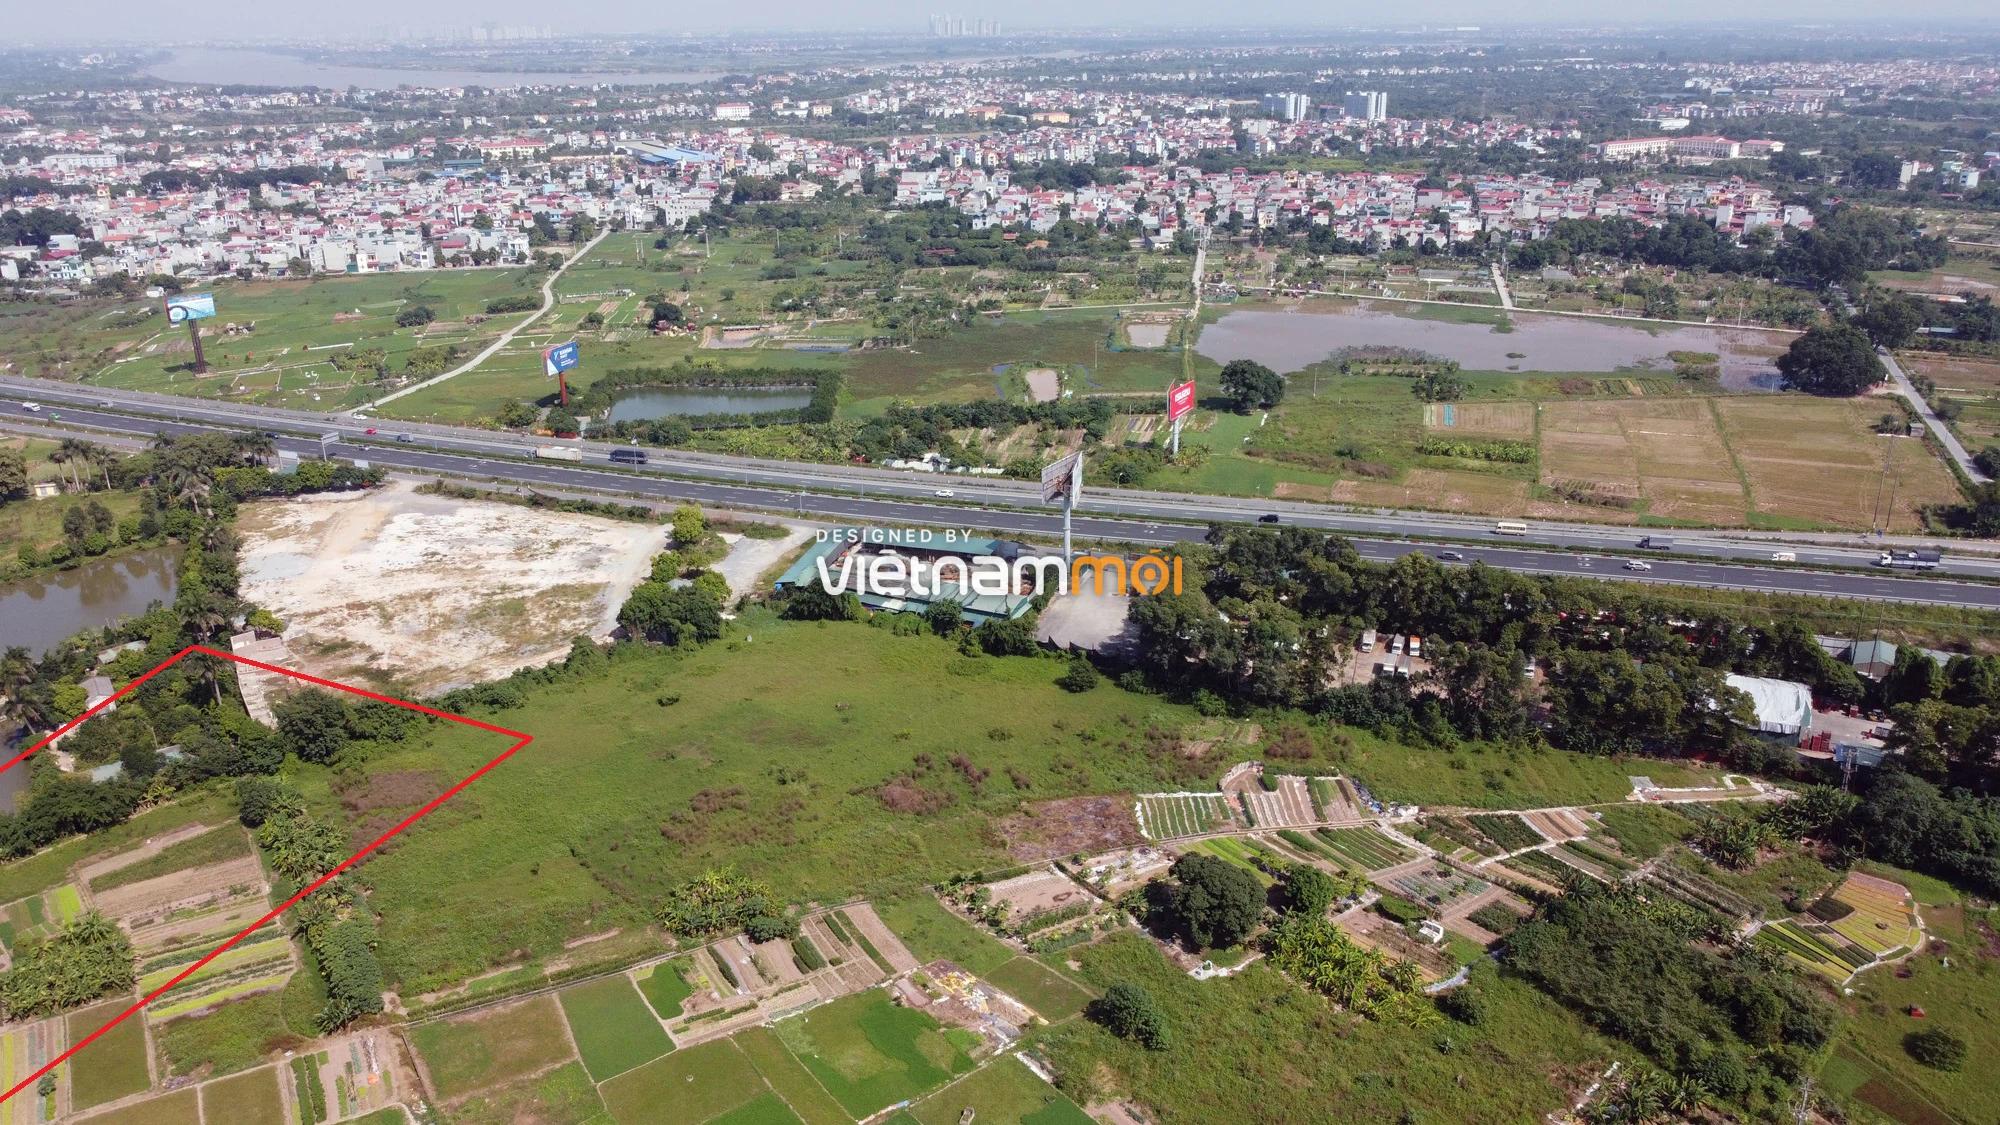 Những khu đất sắp thu hồi để mở đường ở xã Liên Ninh, Thanh Trì, Hà Nội (phần 1) - Ảnh 6.